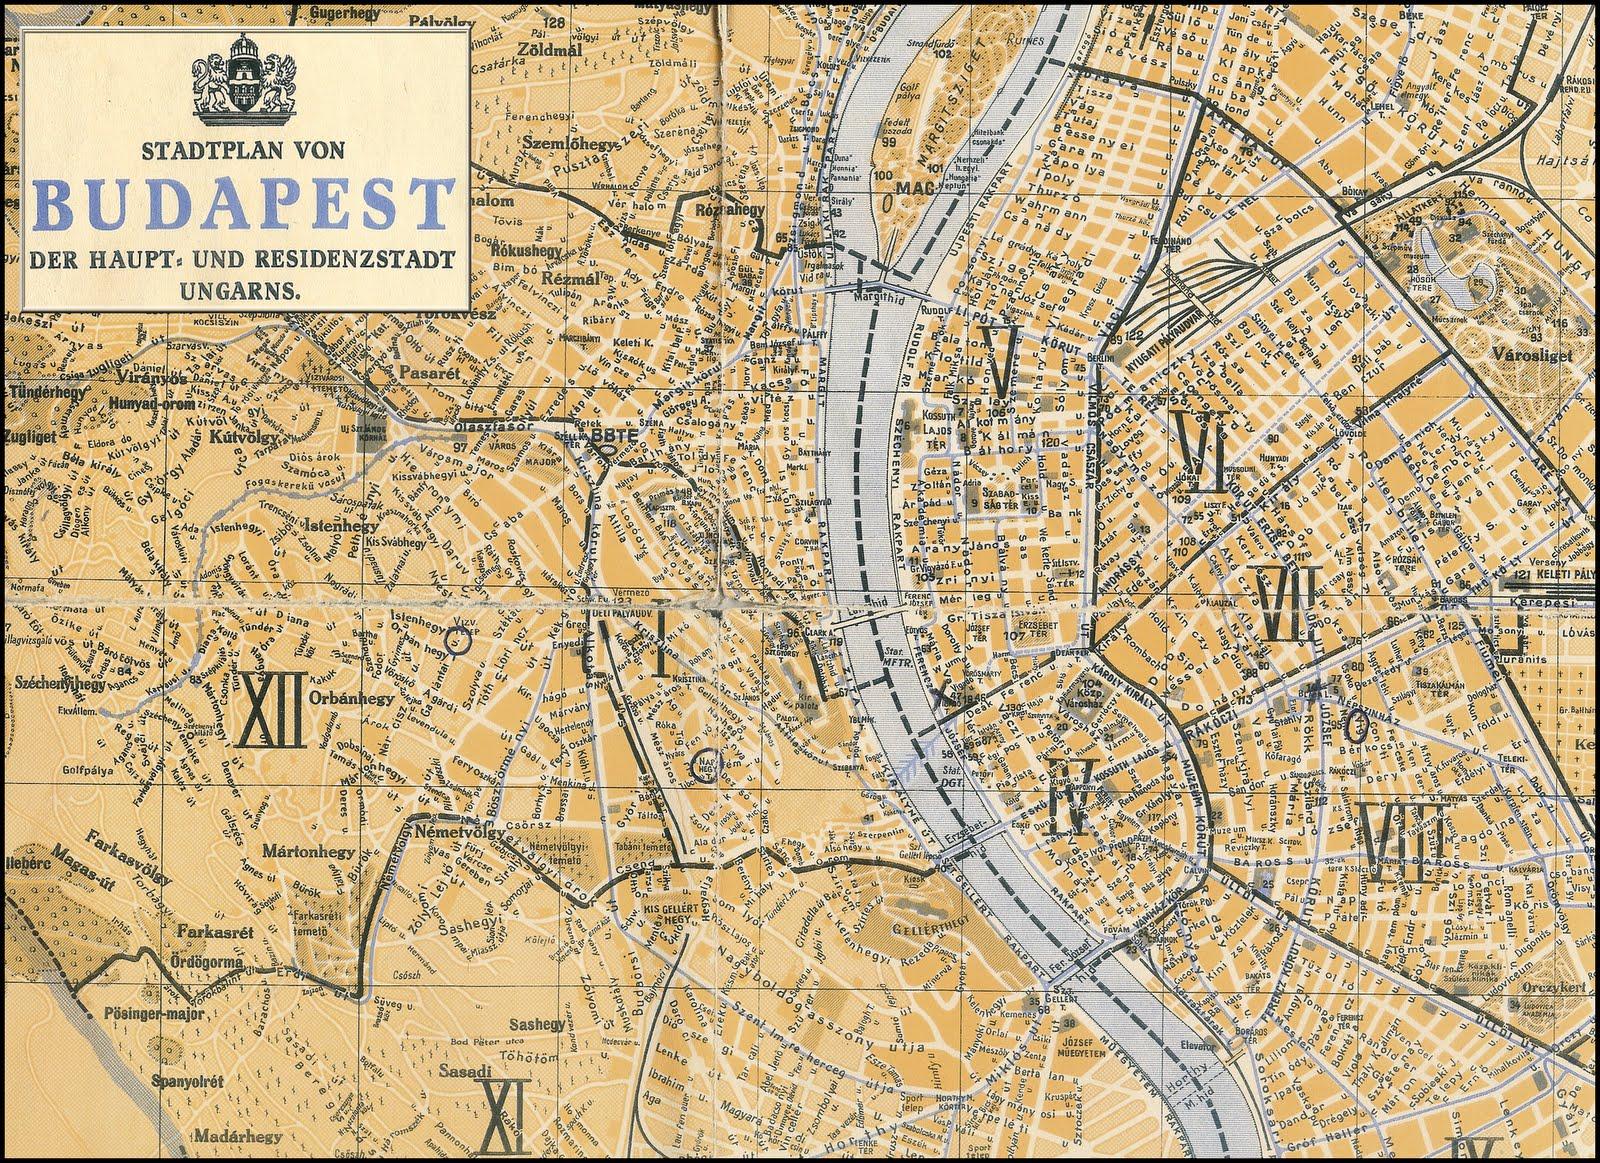 budapest térkép 1956 Dunai Szigetek: Sehányadik kerület?   Közvetlen fővárosi irányítás  budapest térkép 1956